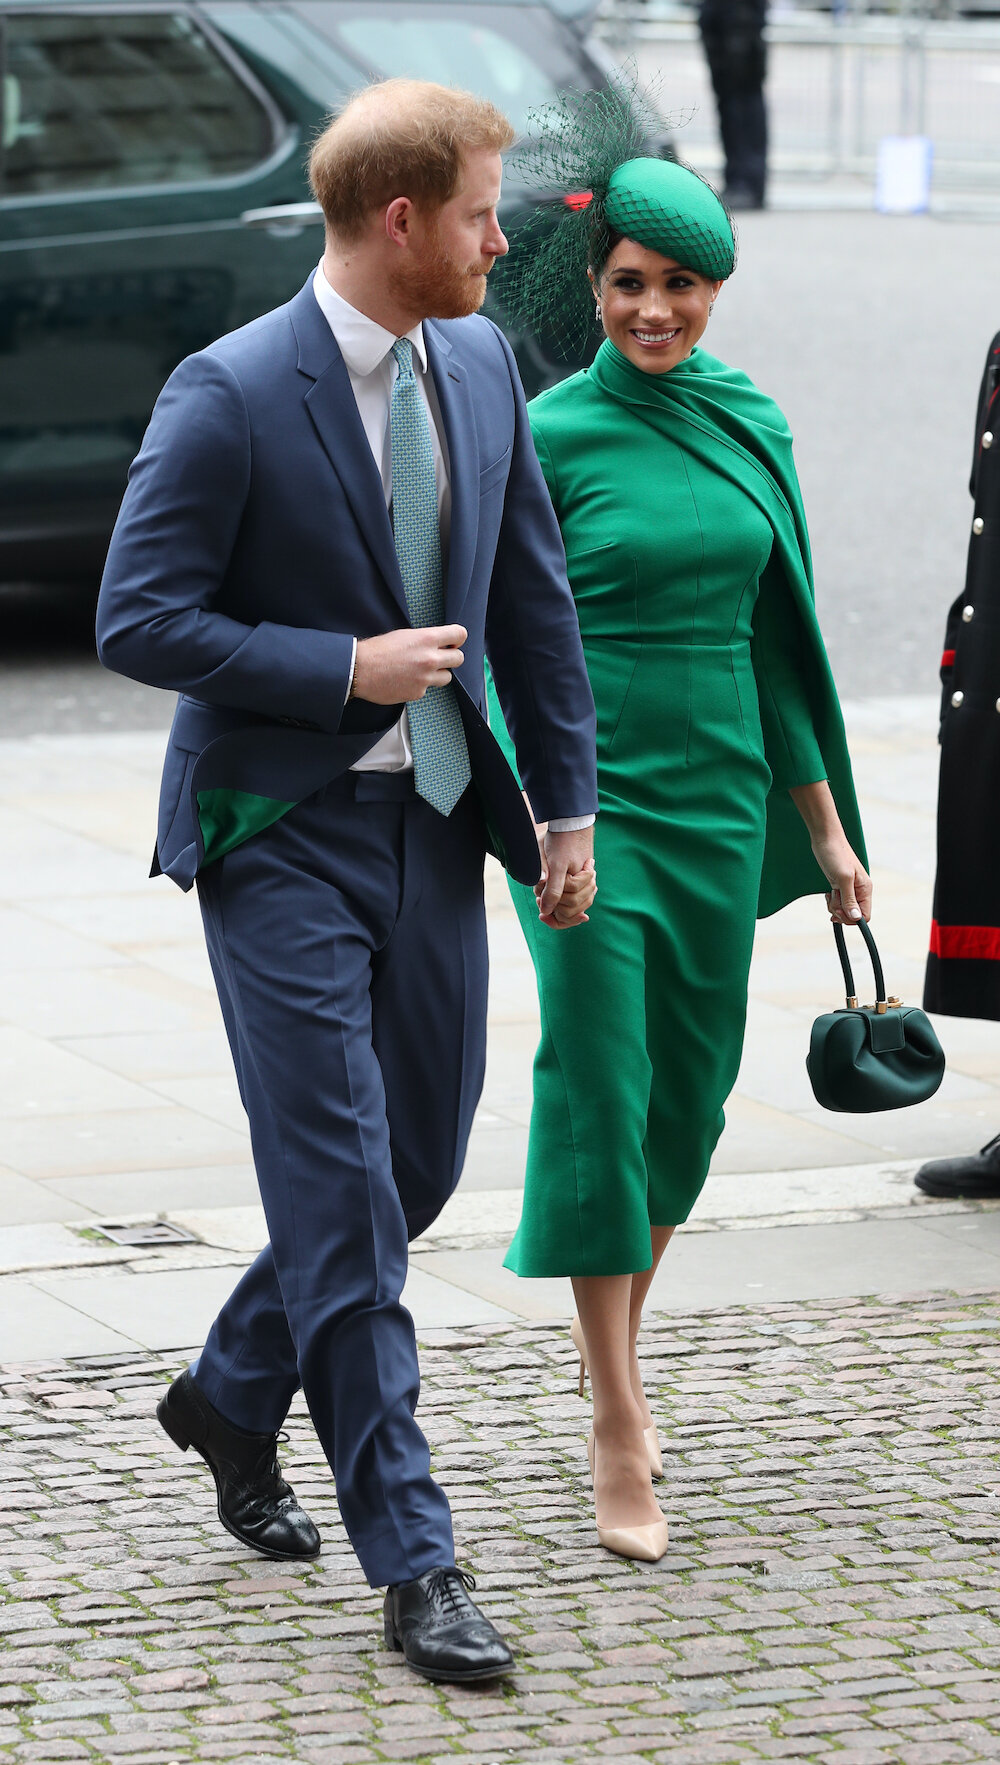 Prinz Harry und Herzogin Meghan kamen vor Herzogin Kate und Prinz William in der Westminster Abbey an. © picture alliance / empics